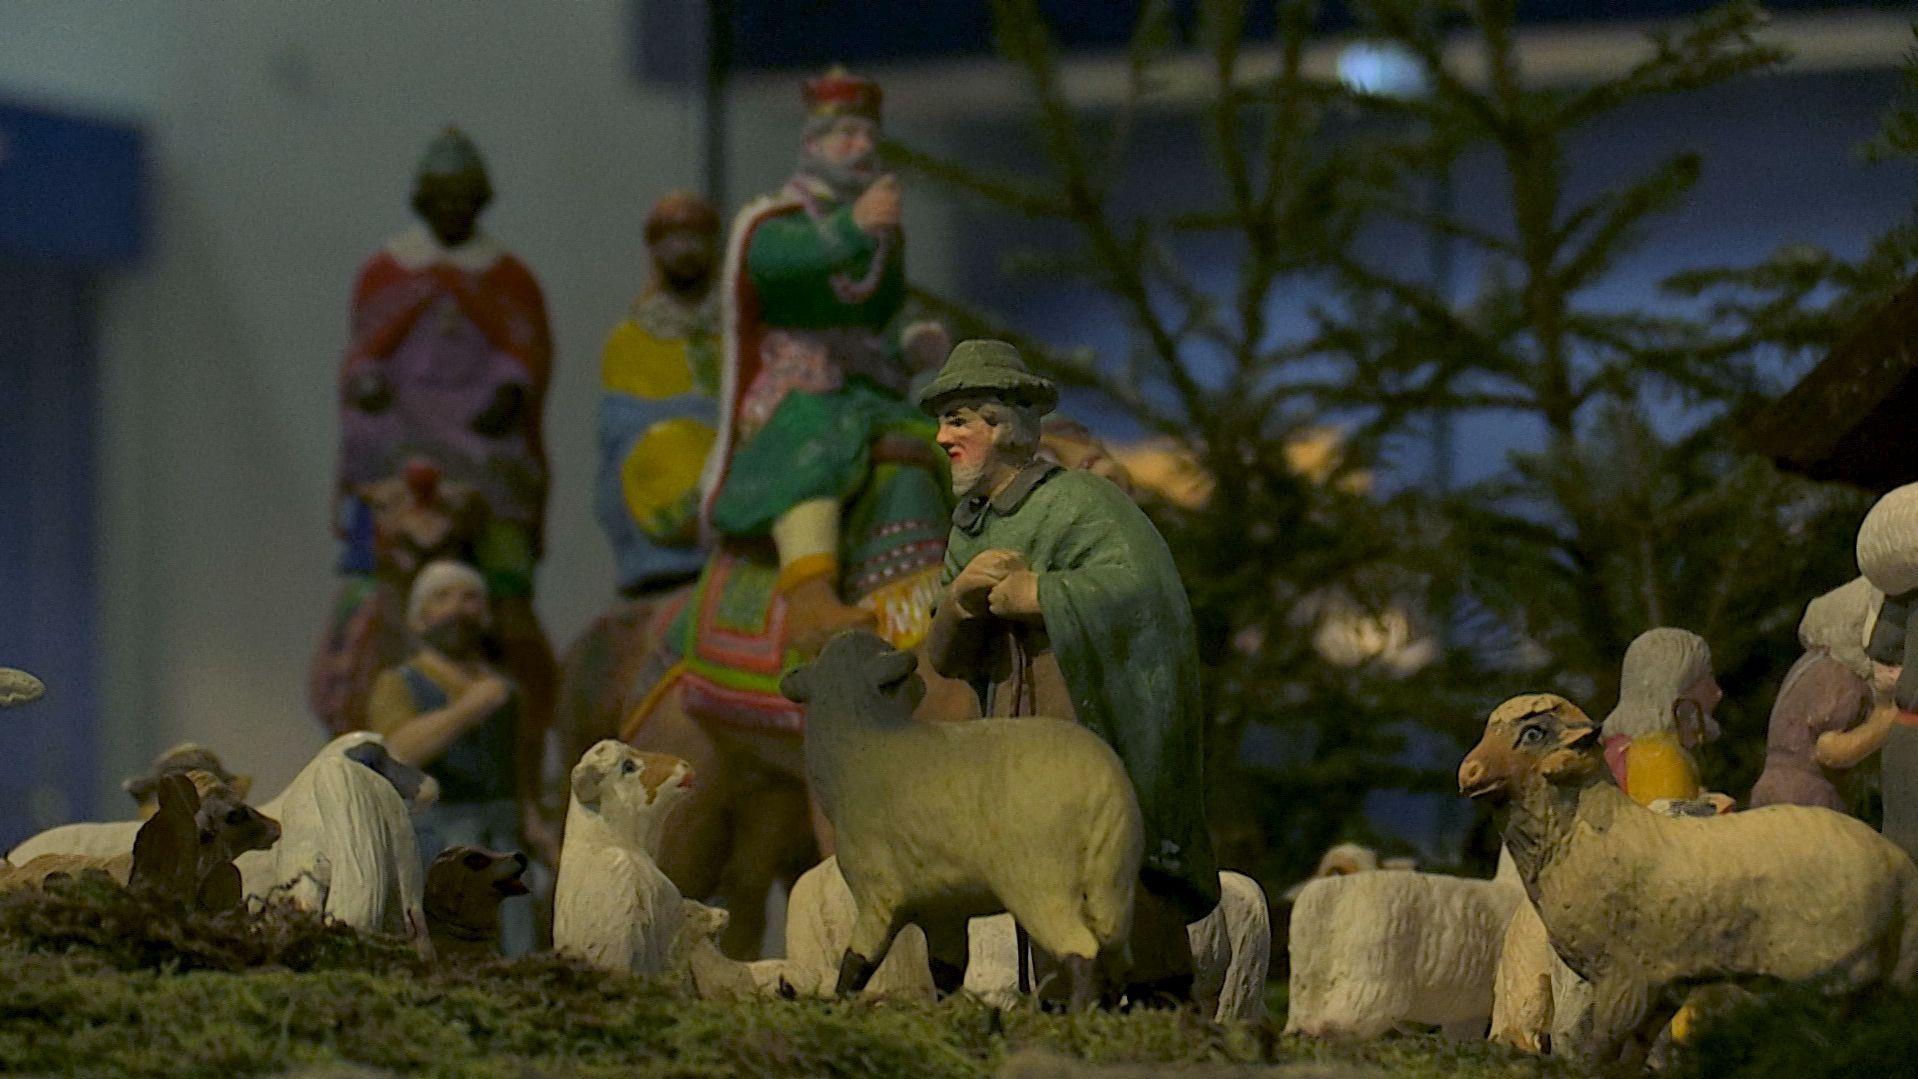 Marktredwitzer Krippenfiguren: Schafe, ein Hirte und die Heiligen Drei Könige